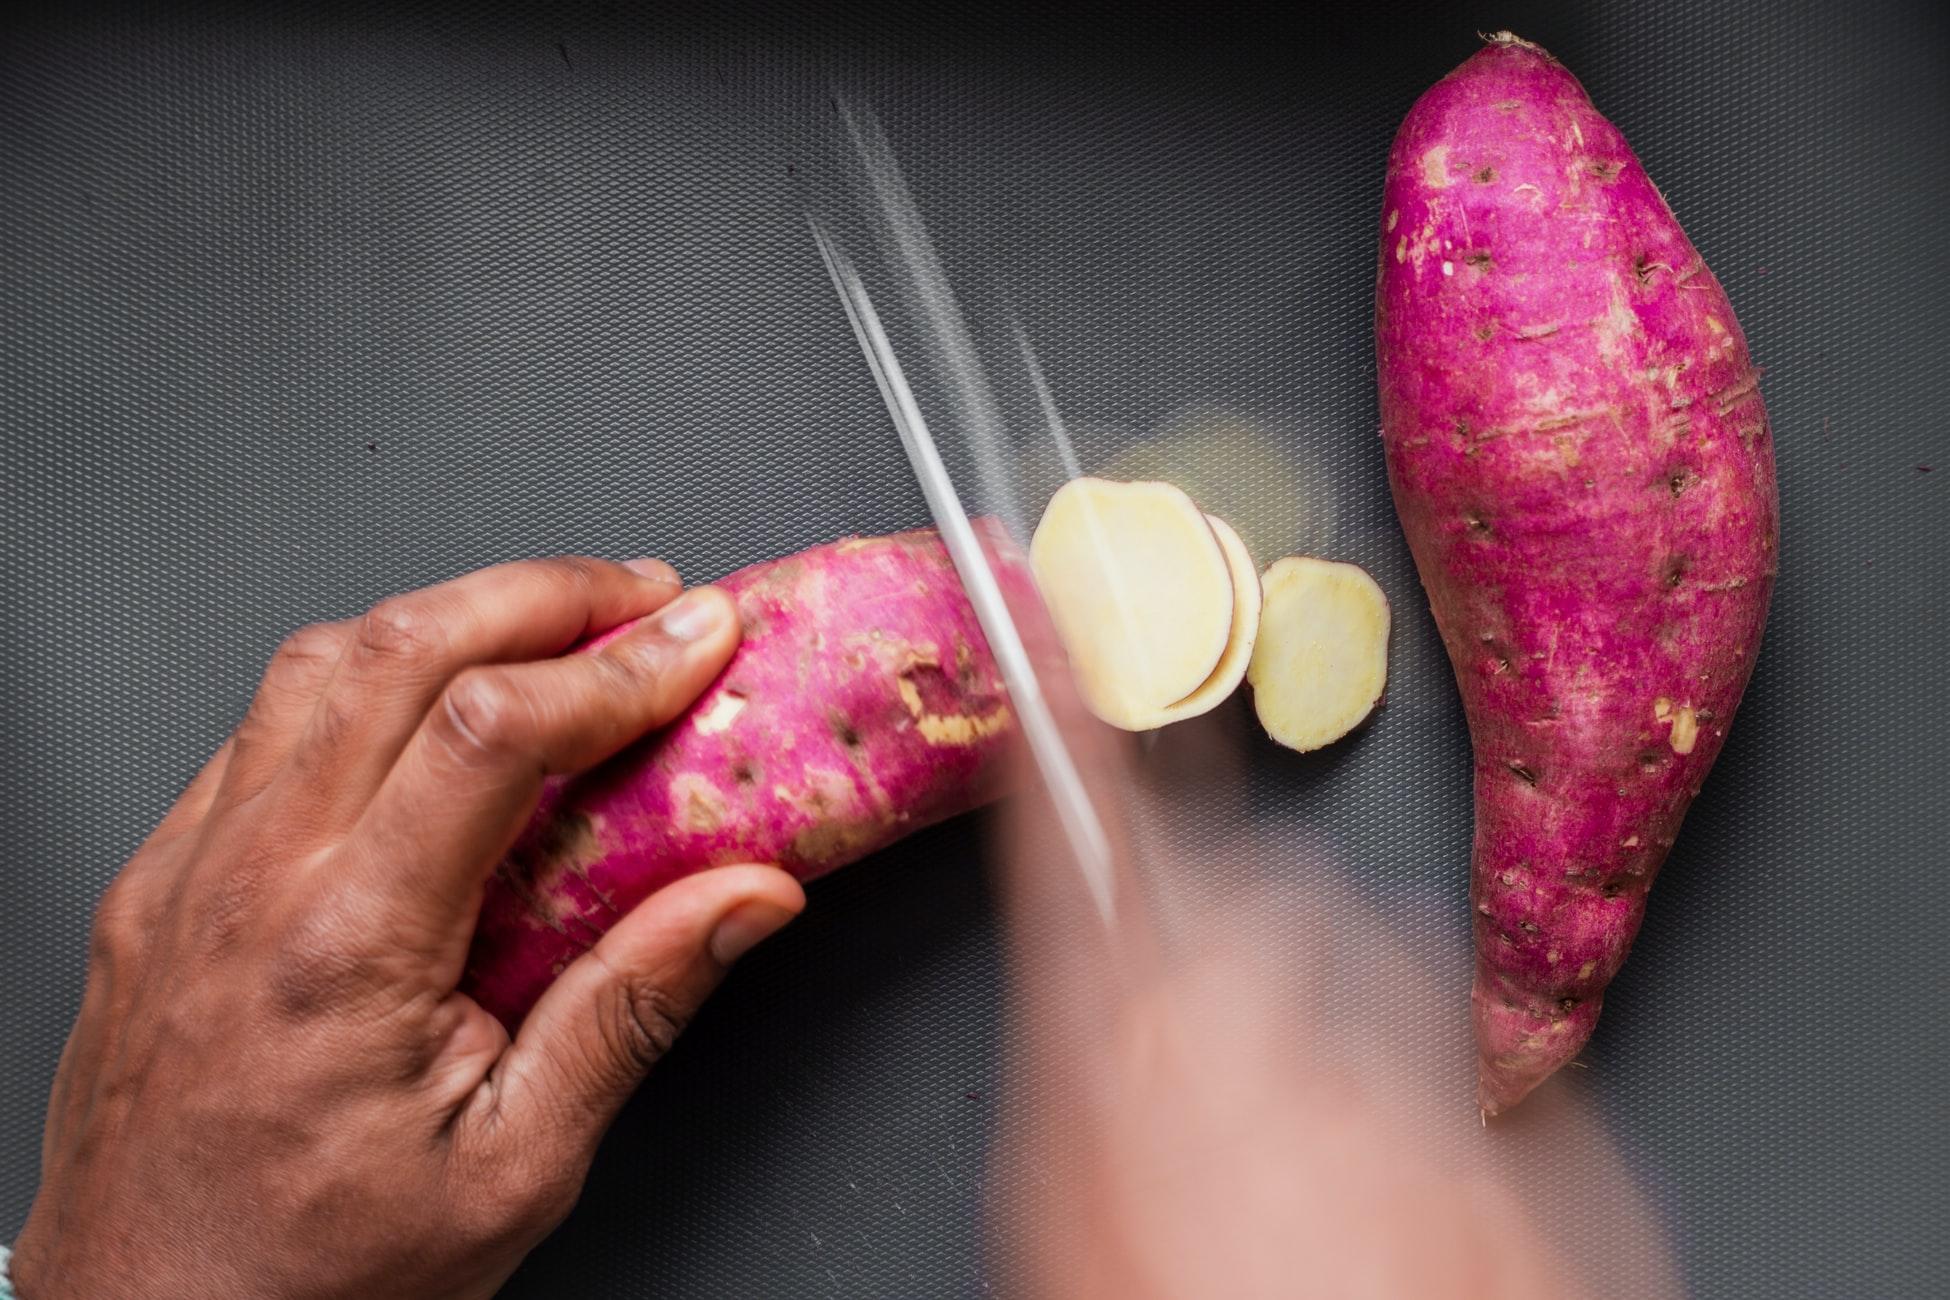 Batata doce para emagrecer: precisa mesmo?